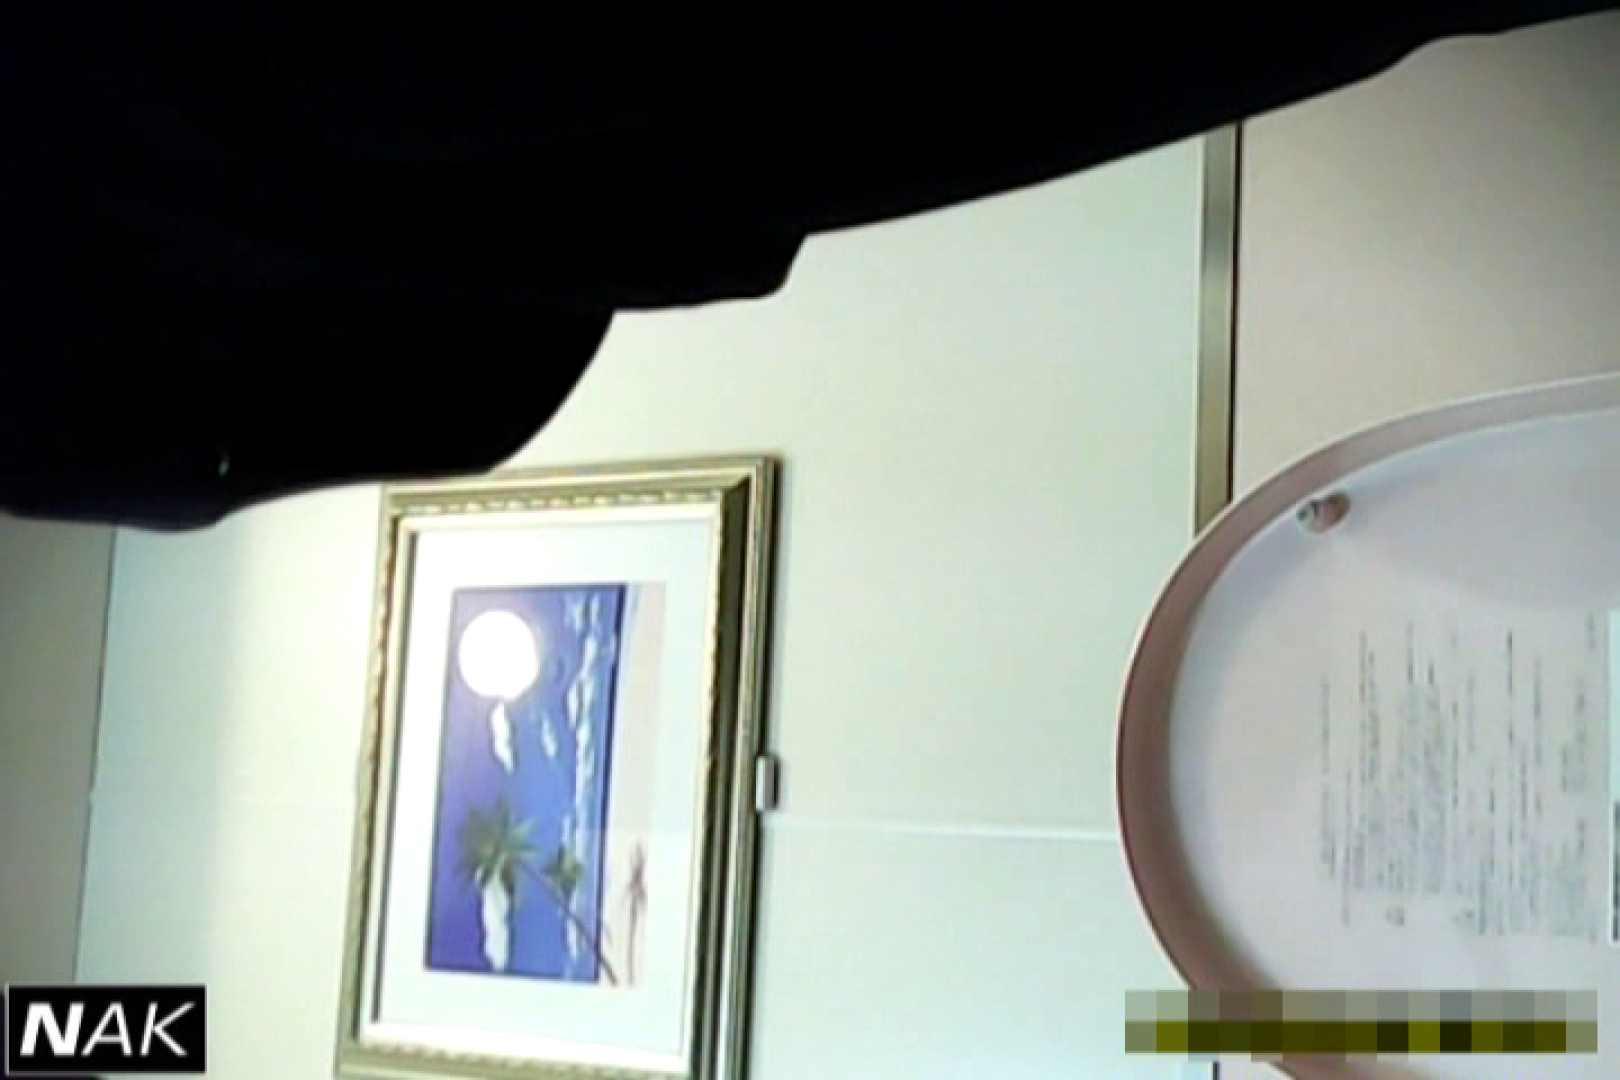 超高画質5000K!脅威の1点集中かわや! vol.01 盗撮師作品 隠し撮りオマンコ動画紹介 89pic 14